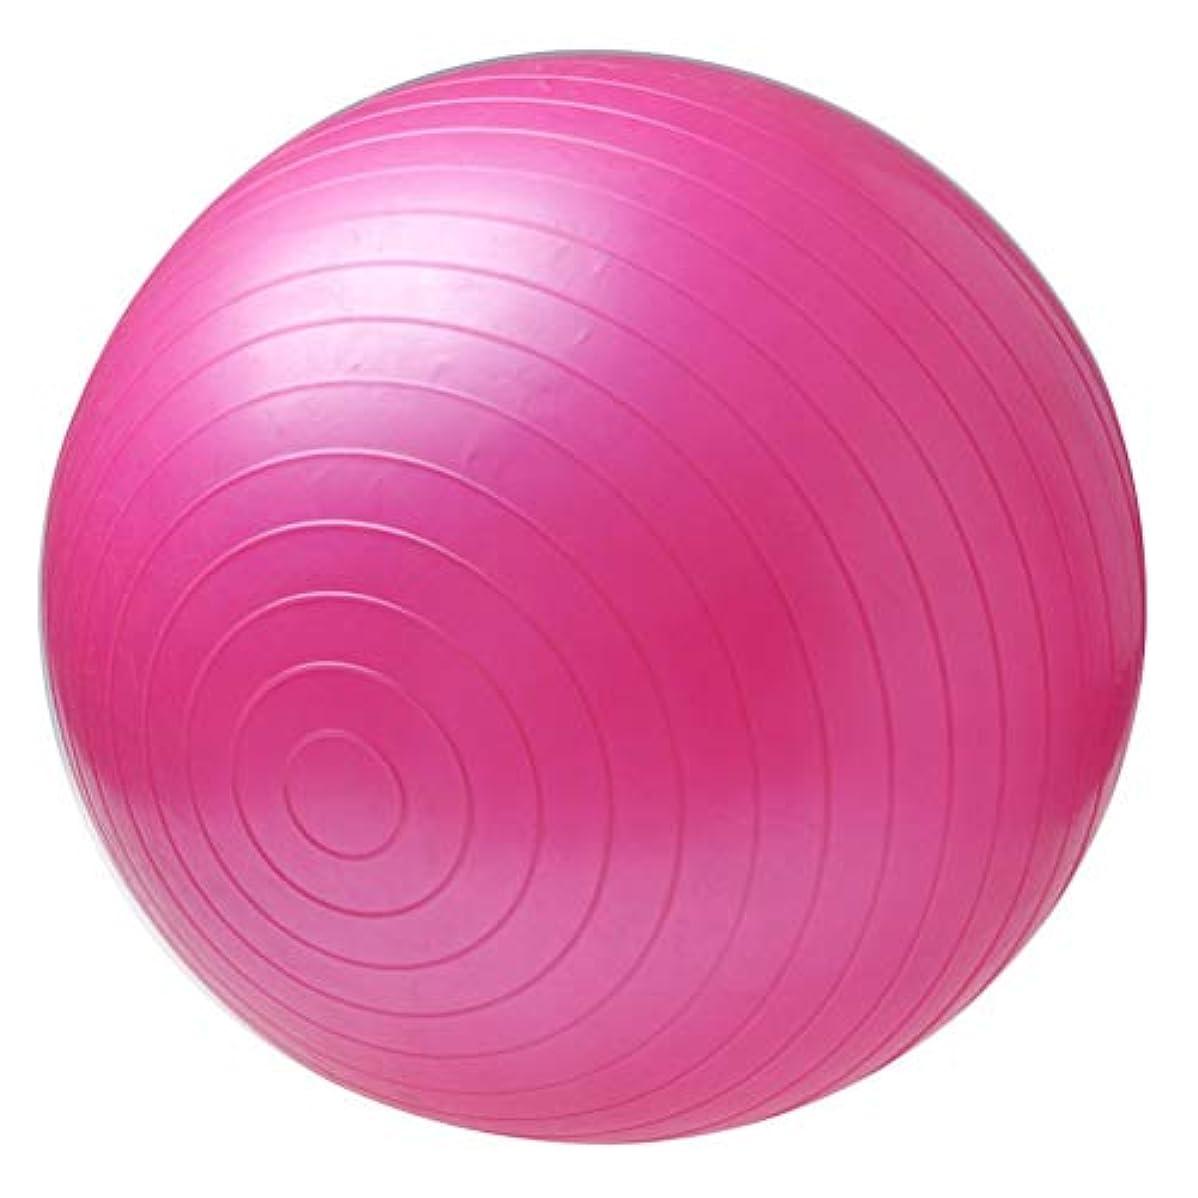 物理的な組立ポーズ非毒性スポーツヨガボールボラピラティスフィットネスジムバランスフィットボールエクササイズピラティスワークアウトマッサージボール - ピンク75センチ